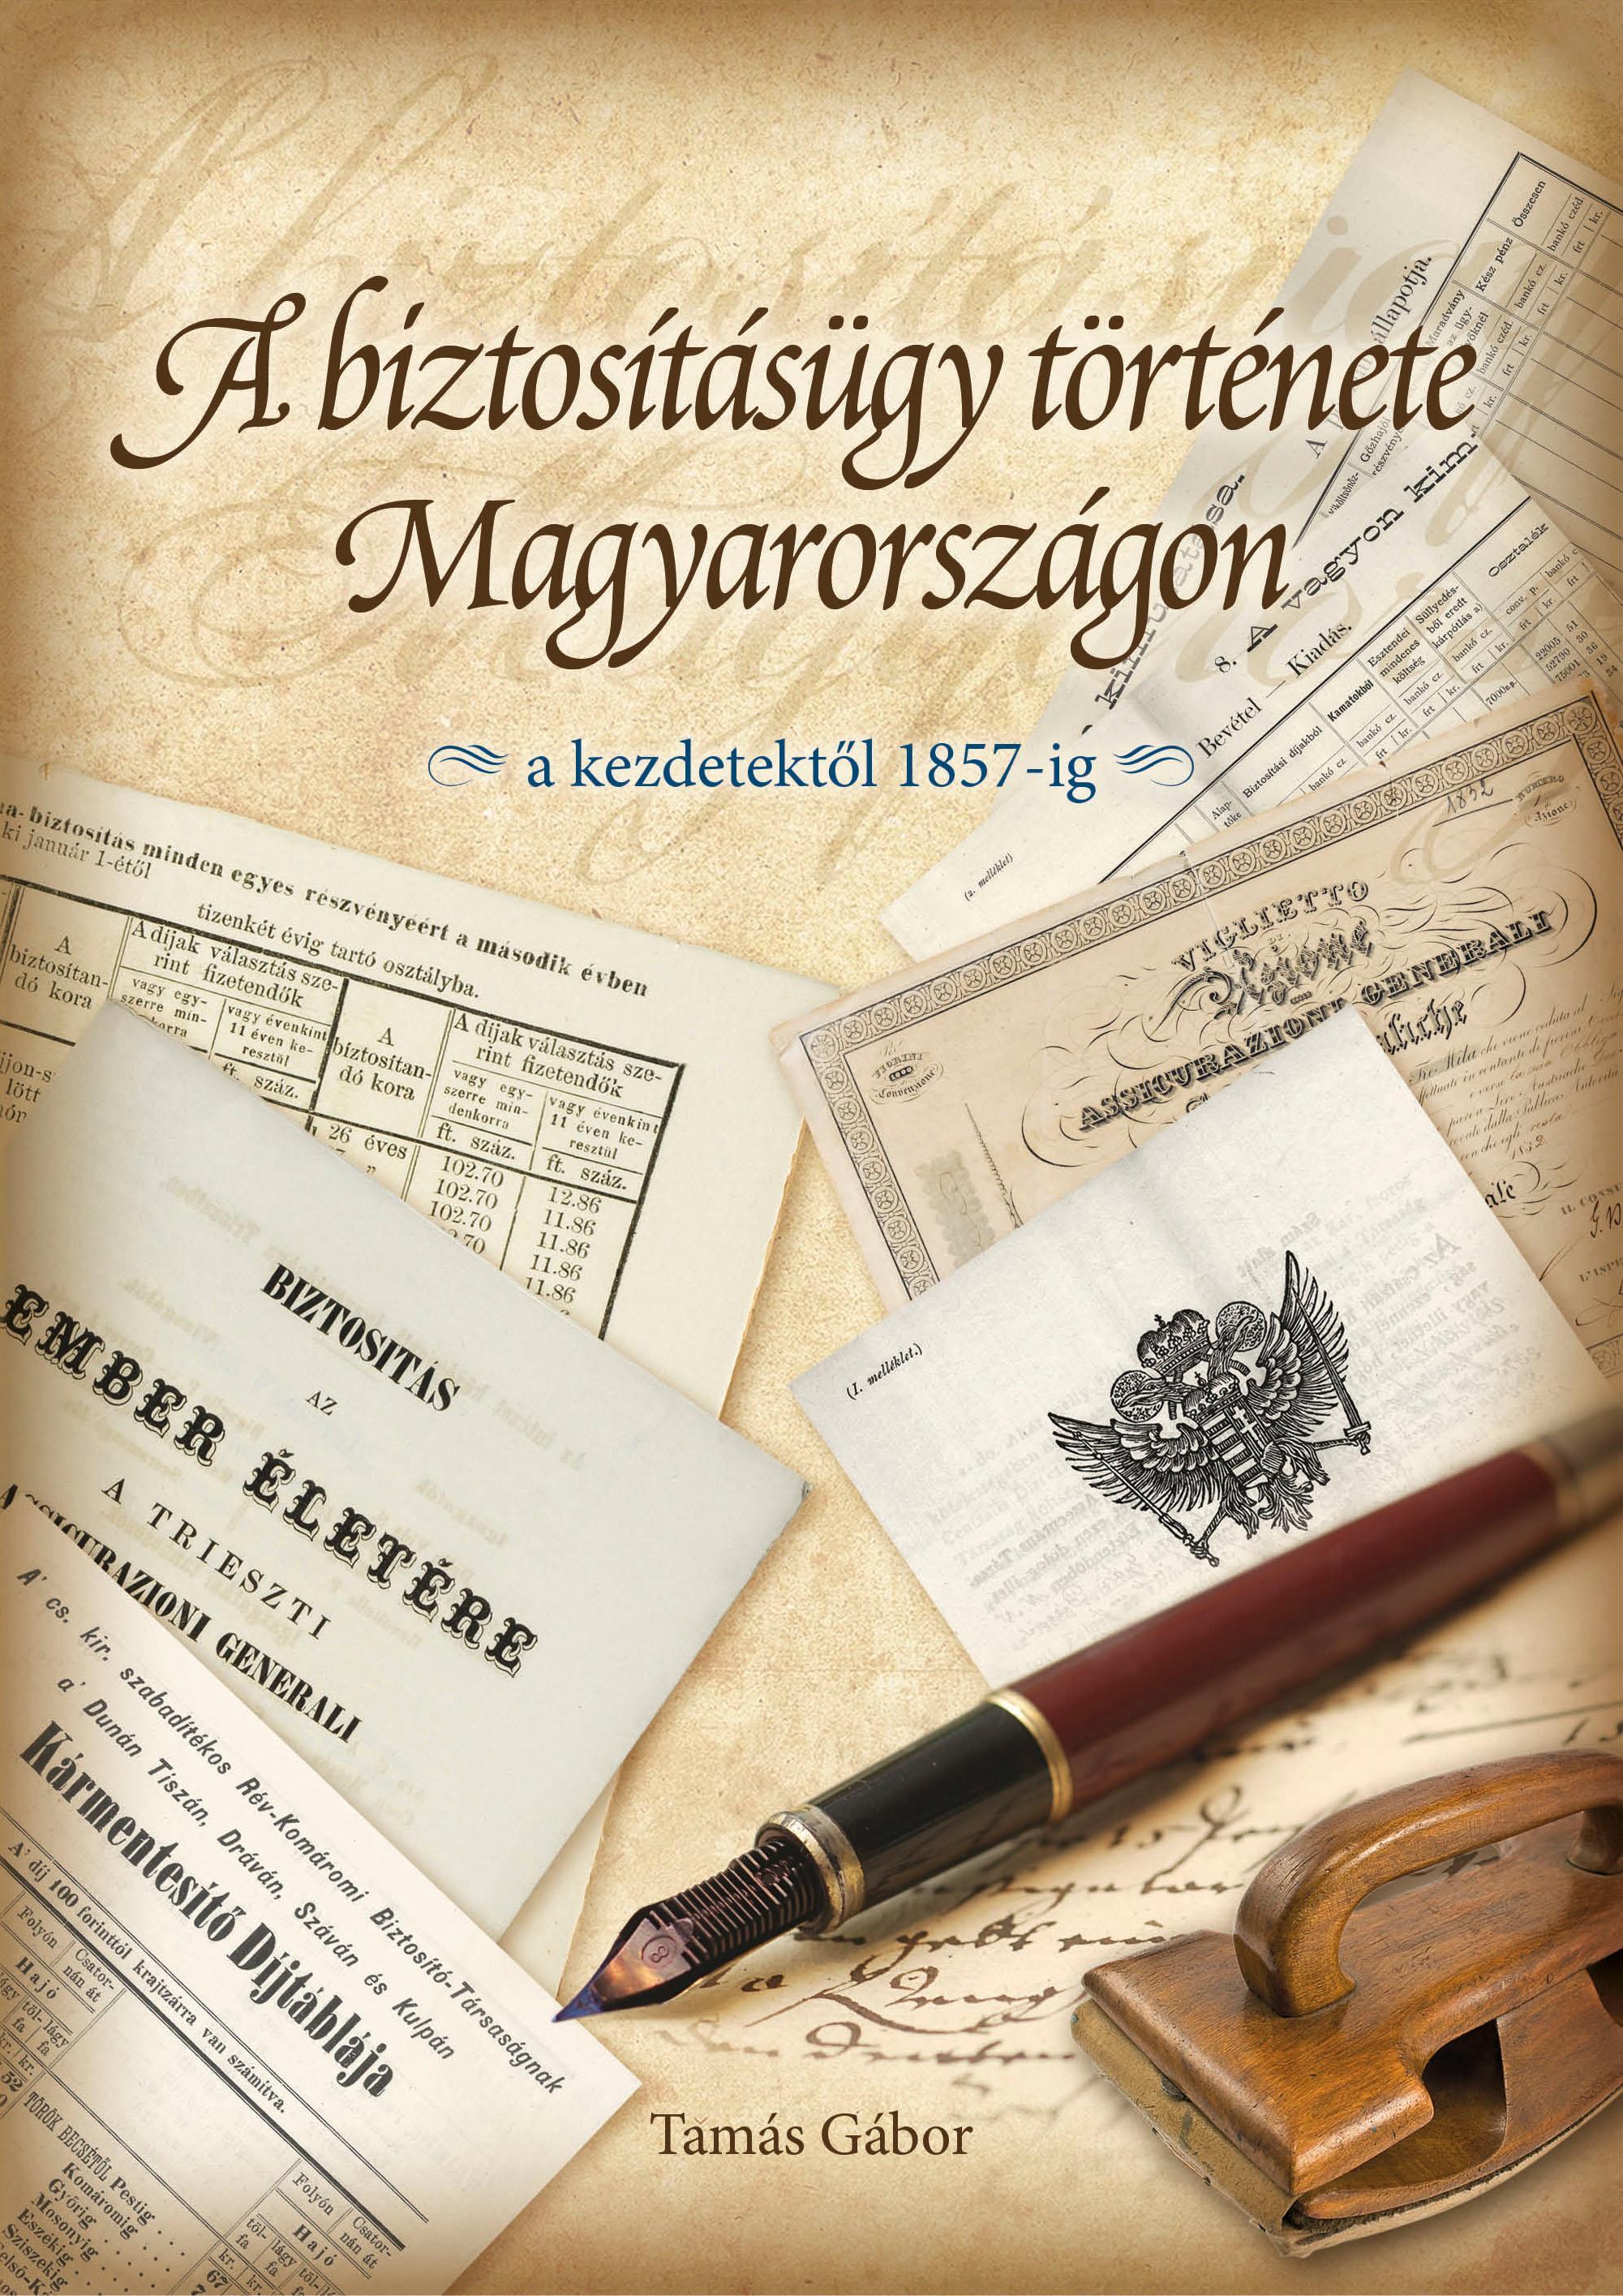 A BIZTOSÍTÁSÜGY TÖRTÉNETE MAGYARORSZÁGON - A KEZDETEKTŐL 1857-IG